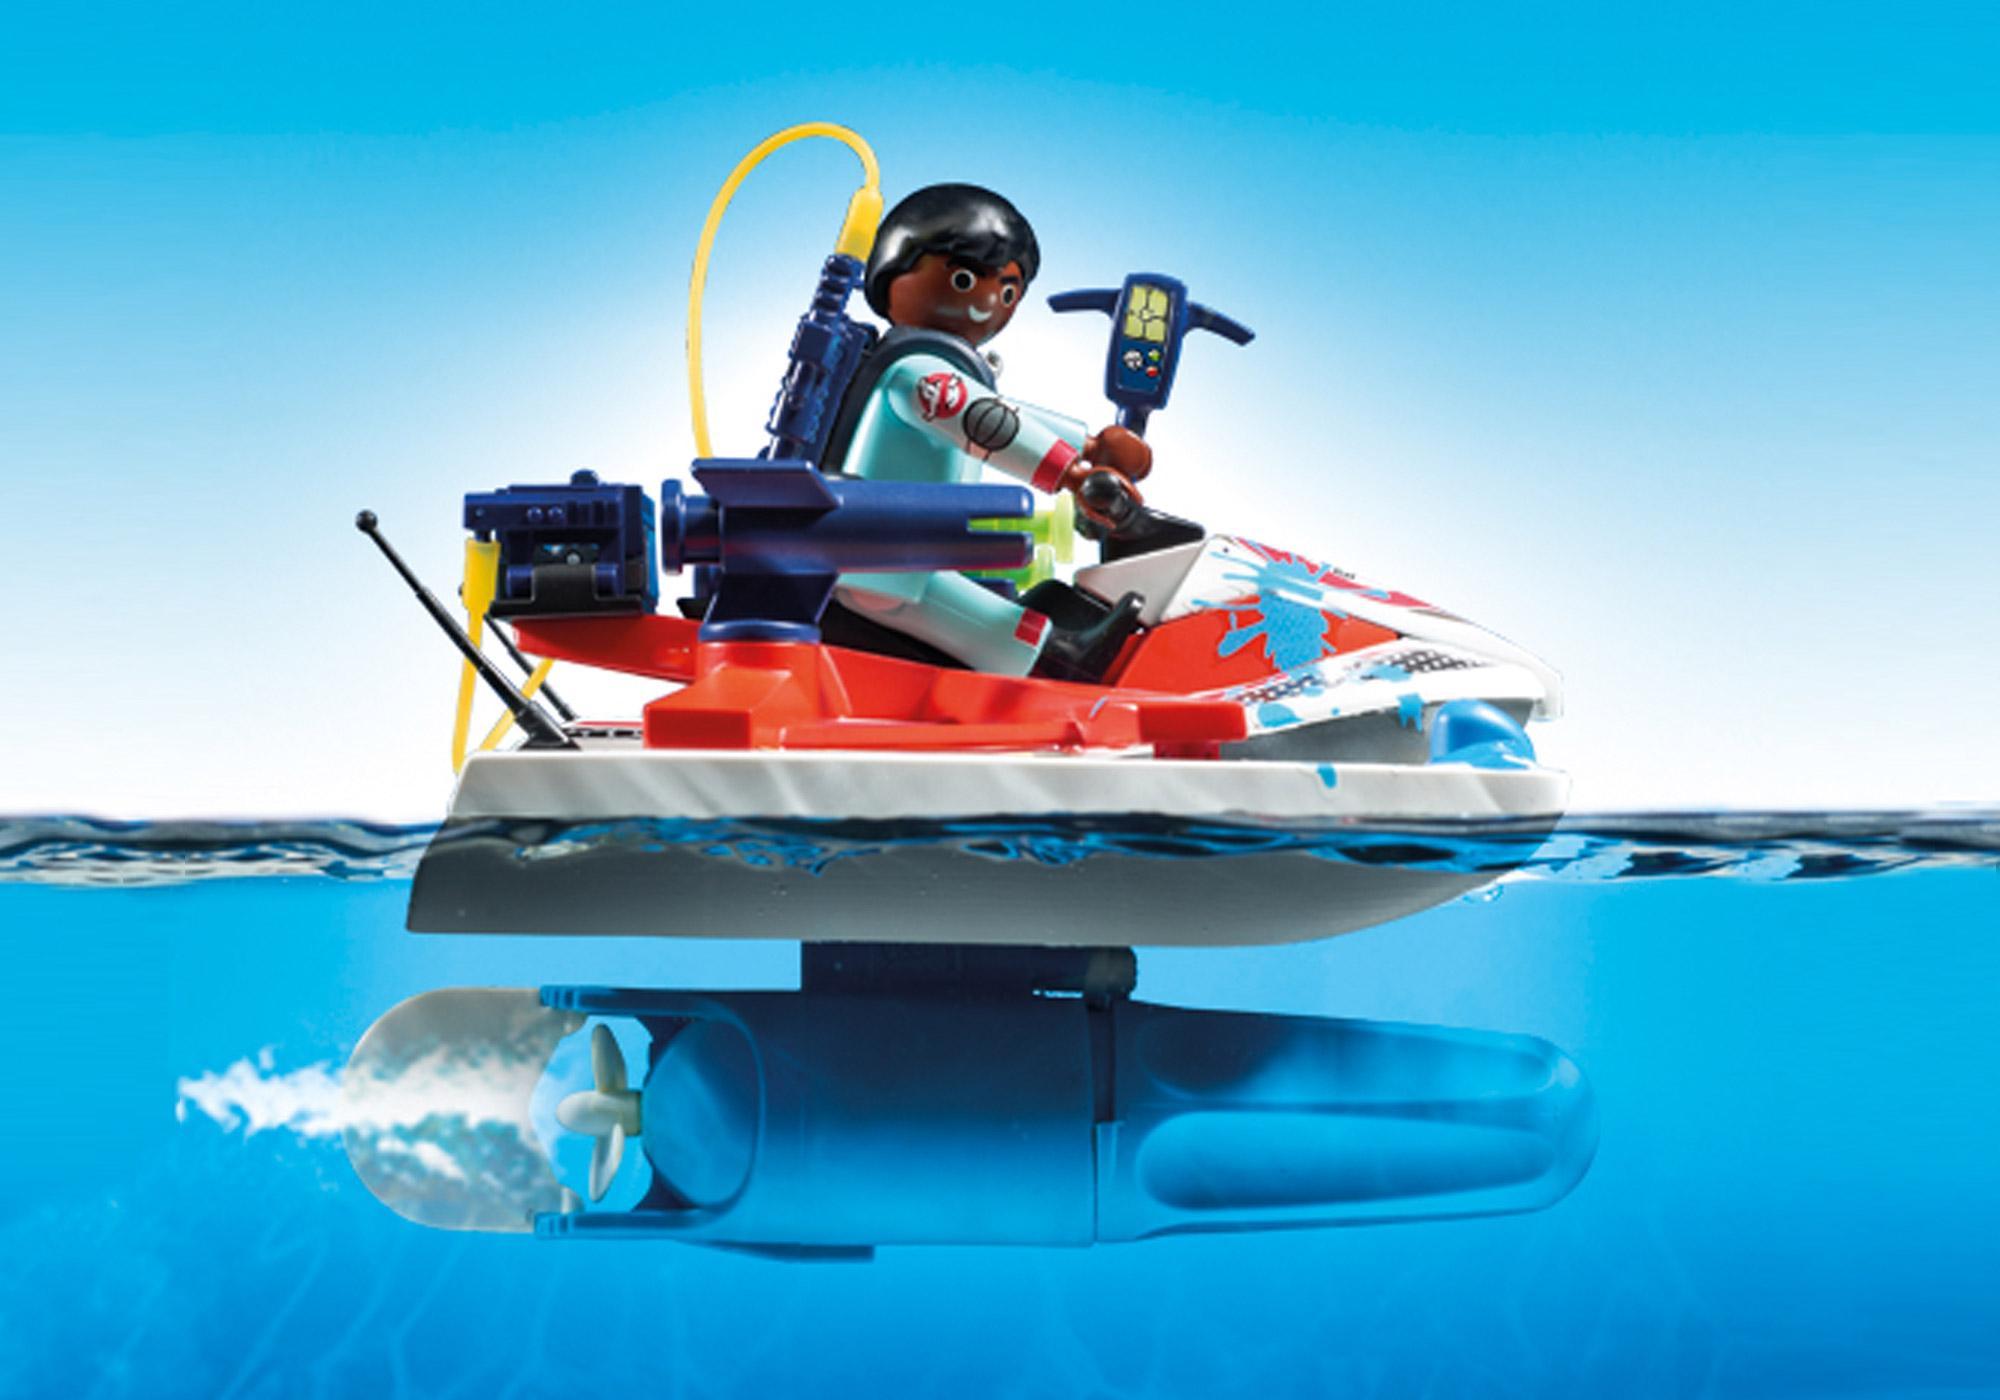 http://media.playmobil.com/i/playmobil/9387_product_extra3/Zeddemore con Moto de Agua